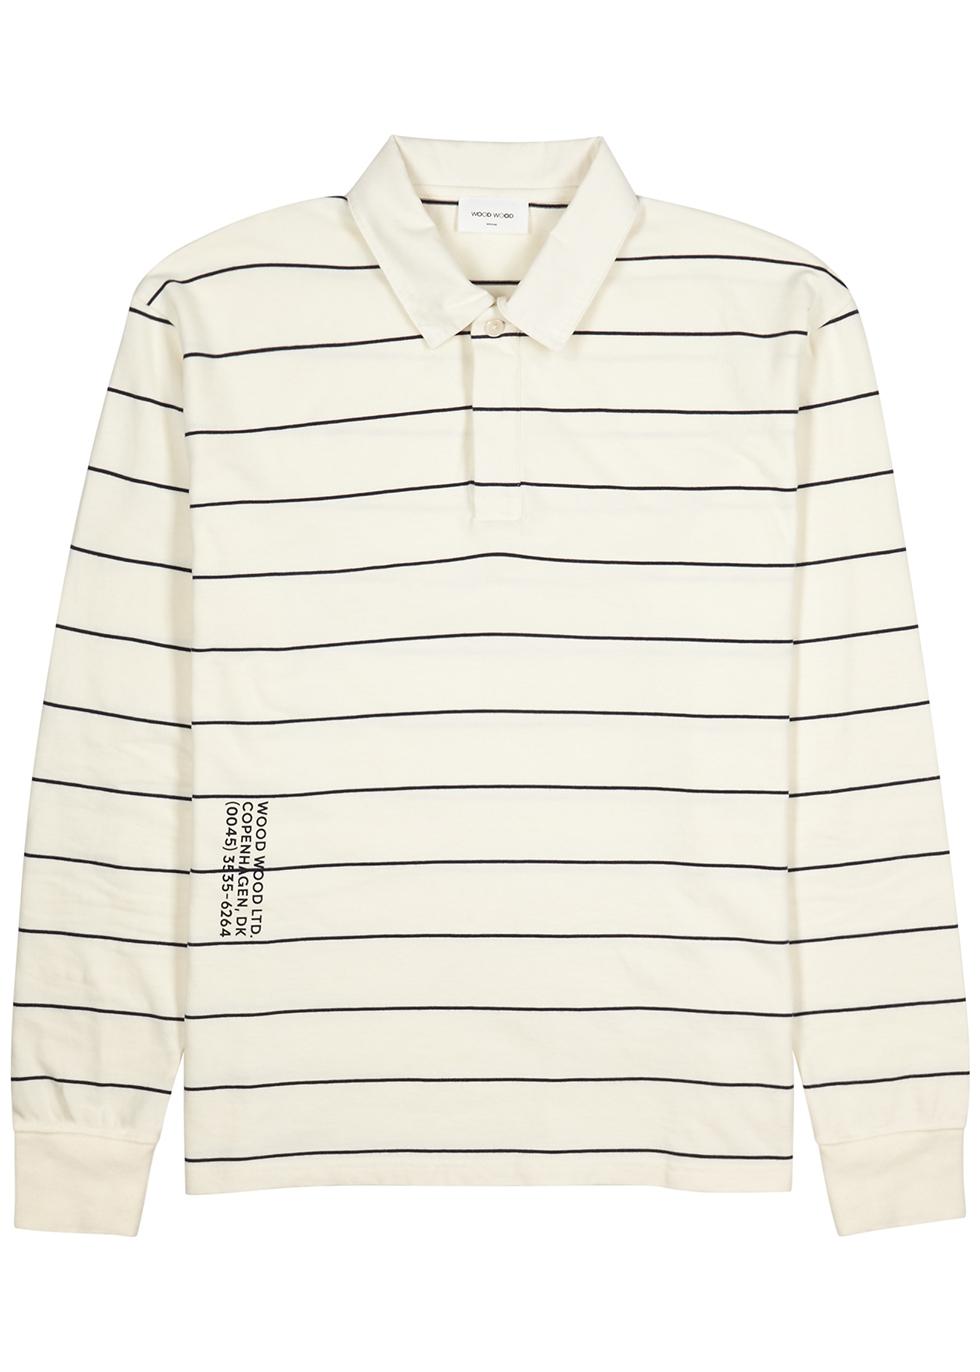 White striped cotton polo shirt